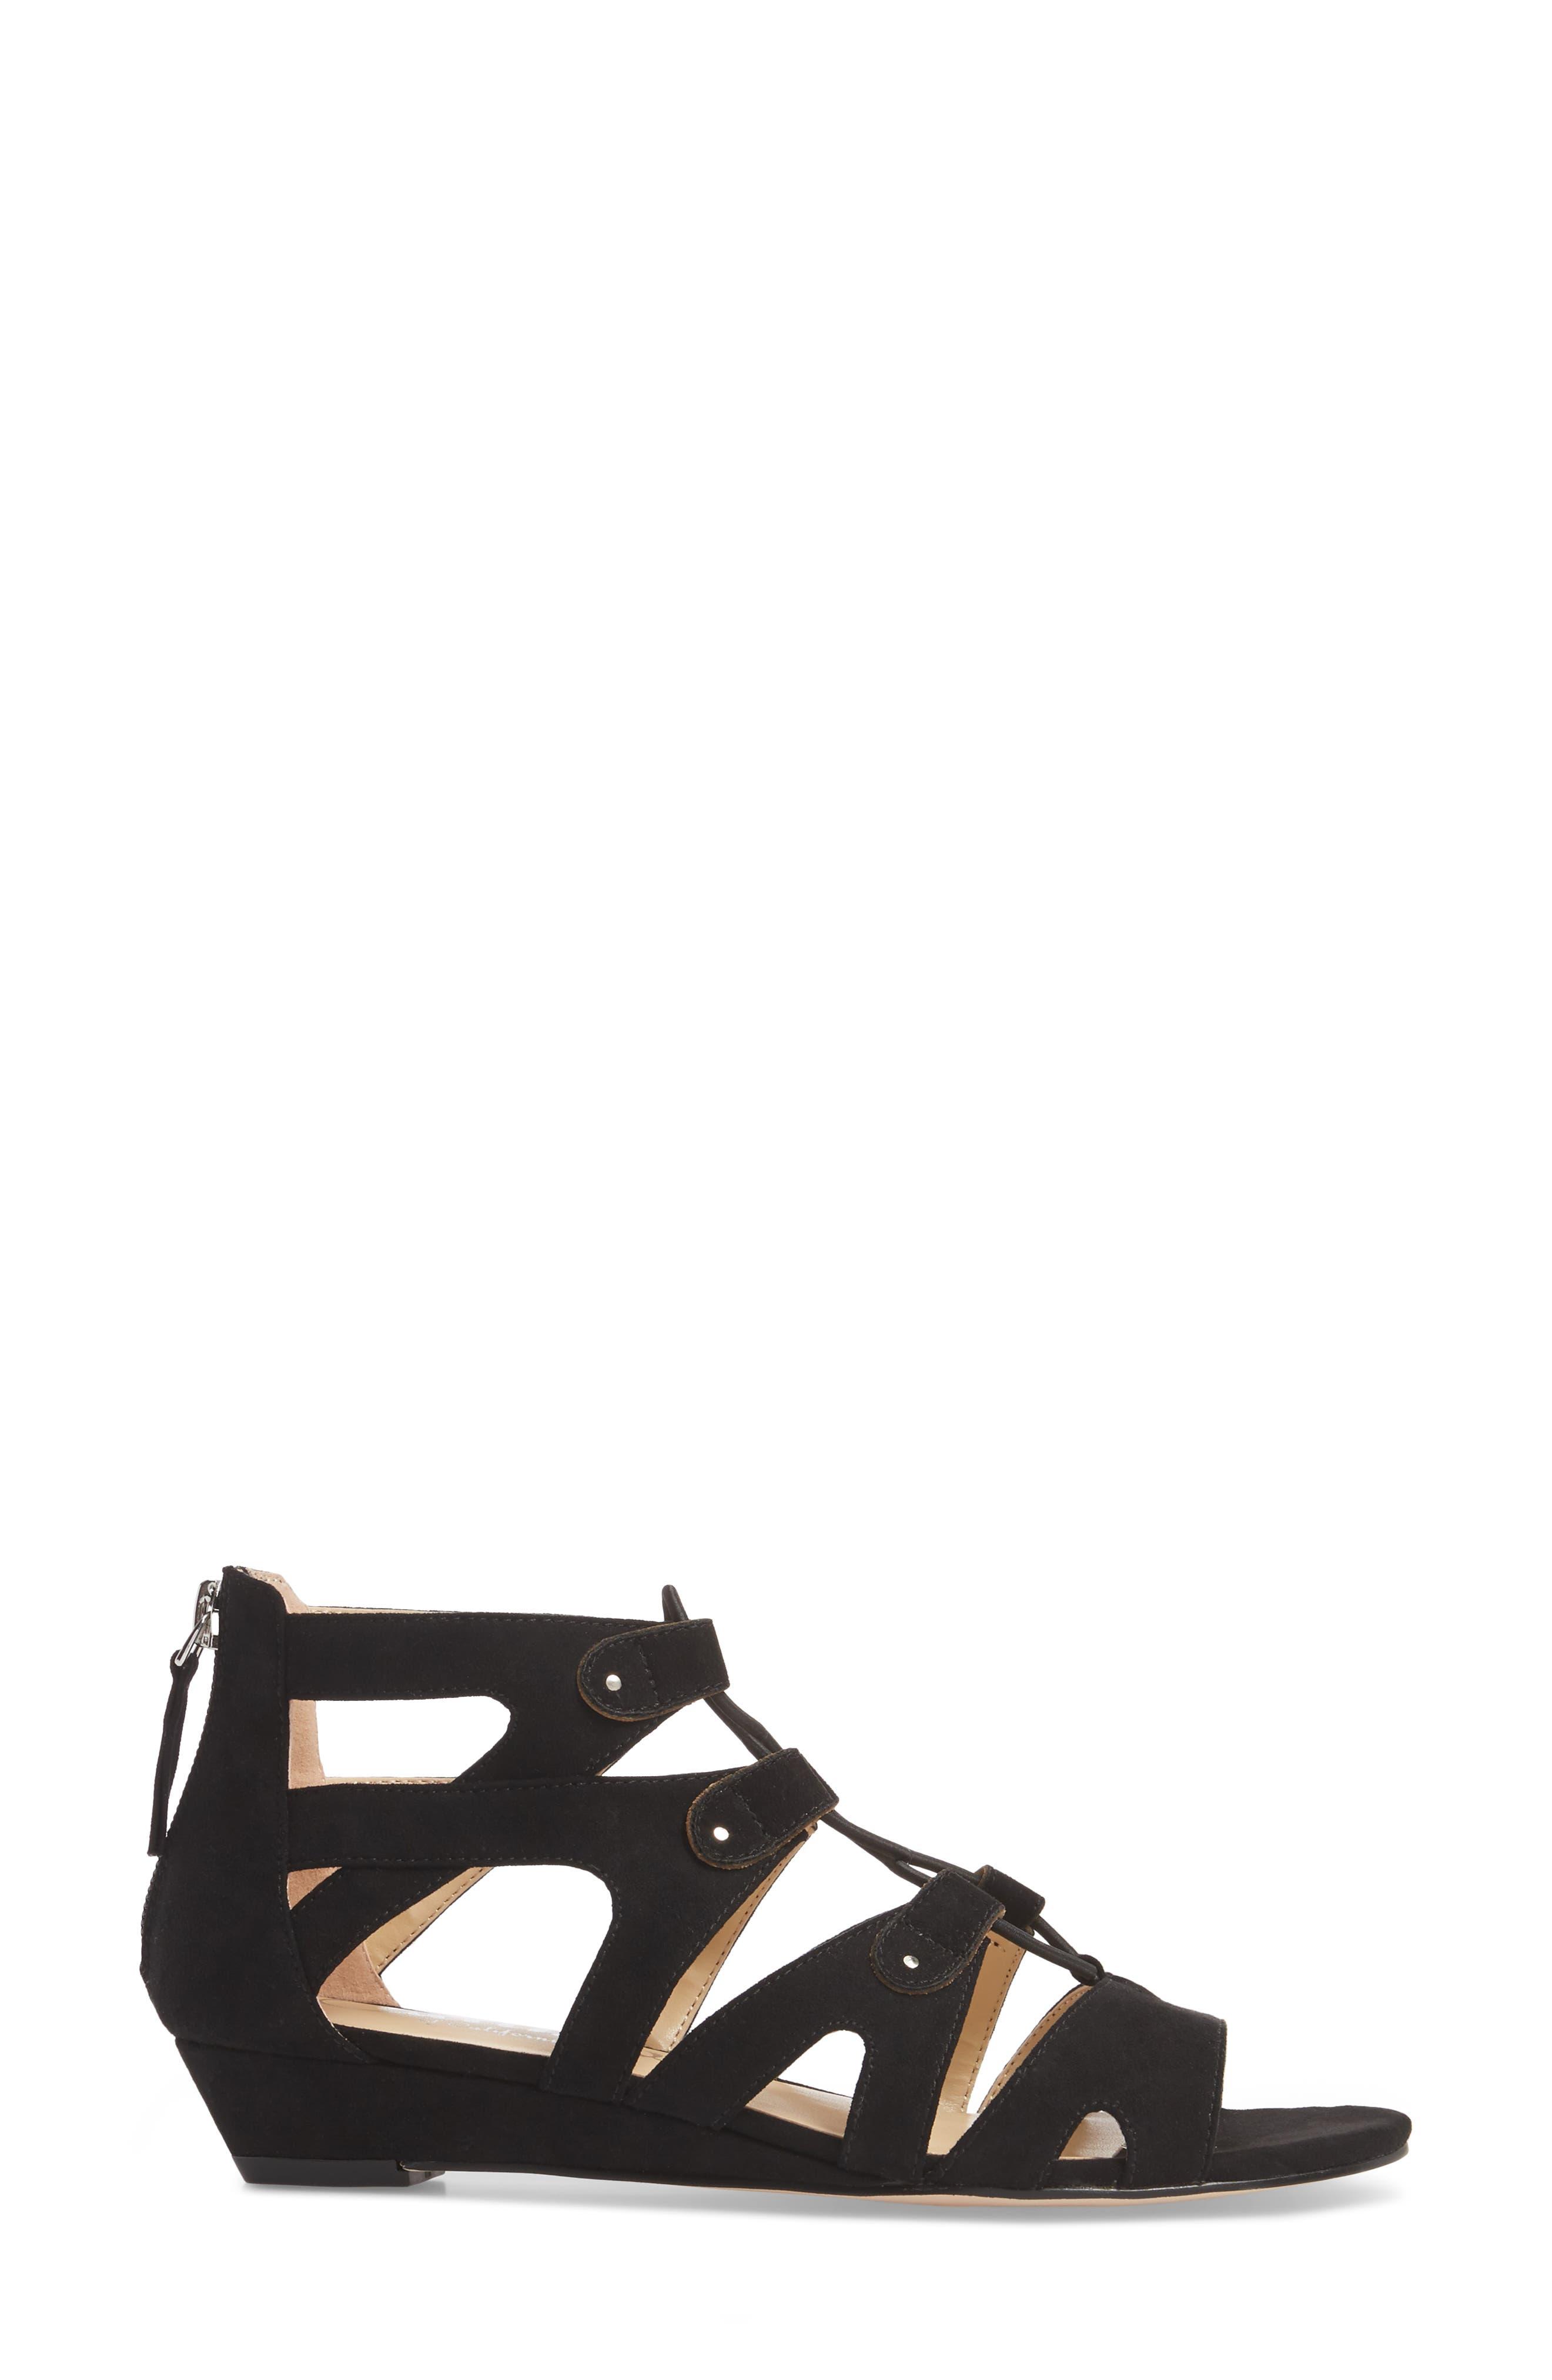 Lexx Lace-Up Sandal,                             Alternate thumbnail 3, color,                             003